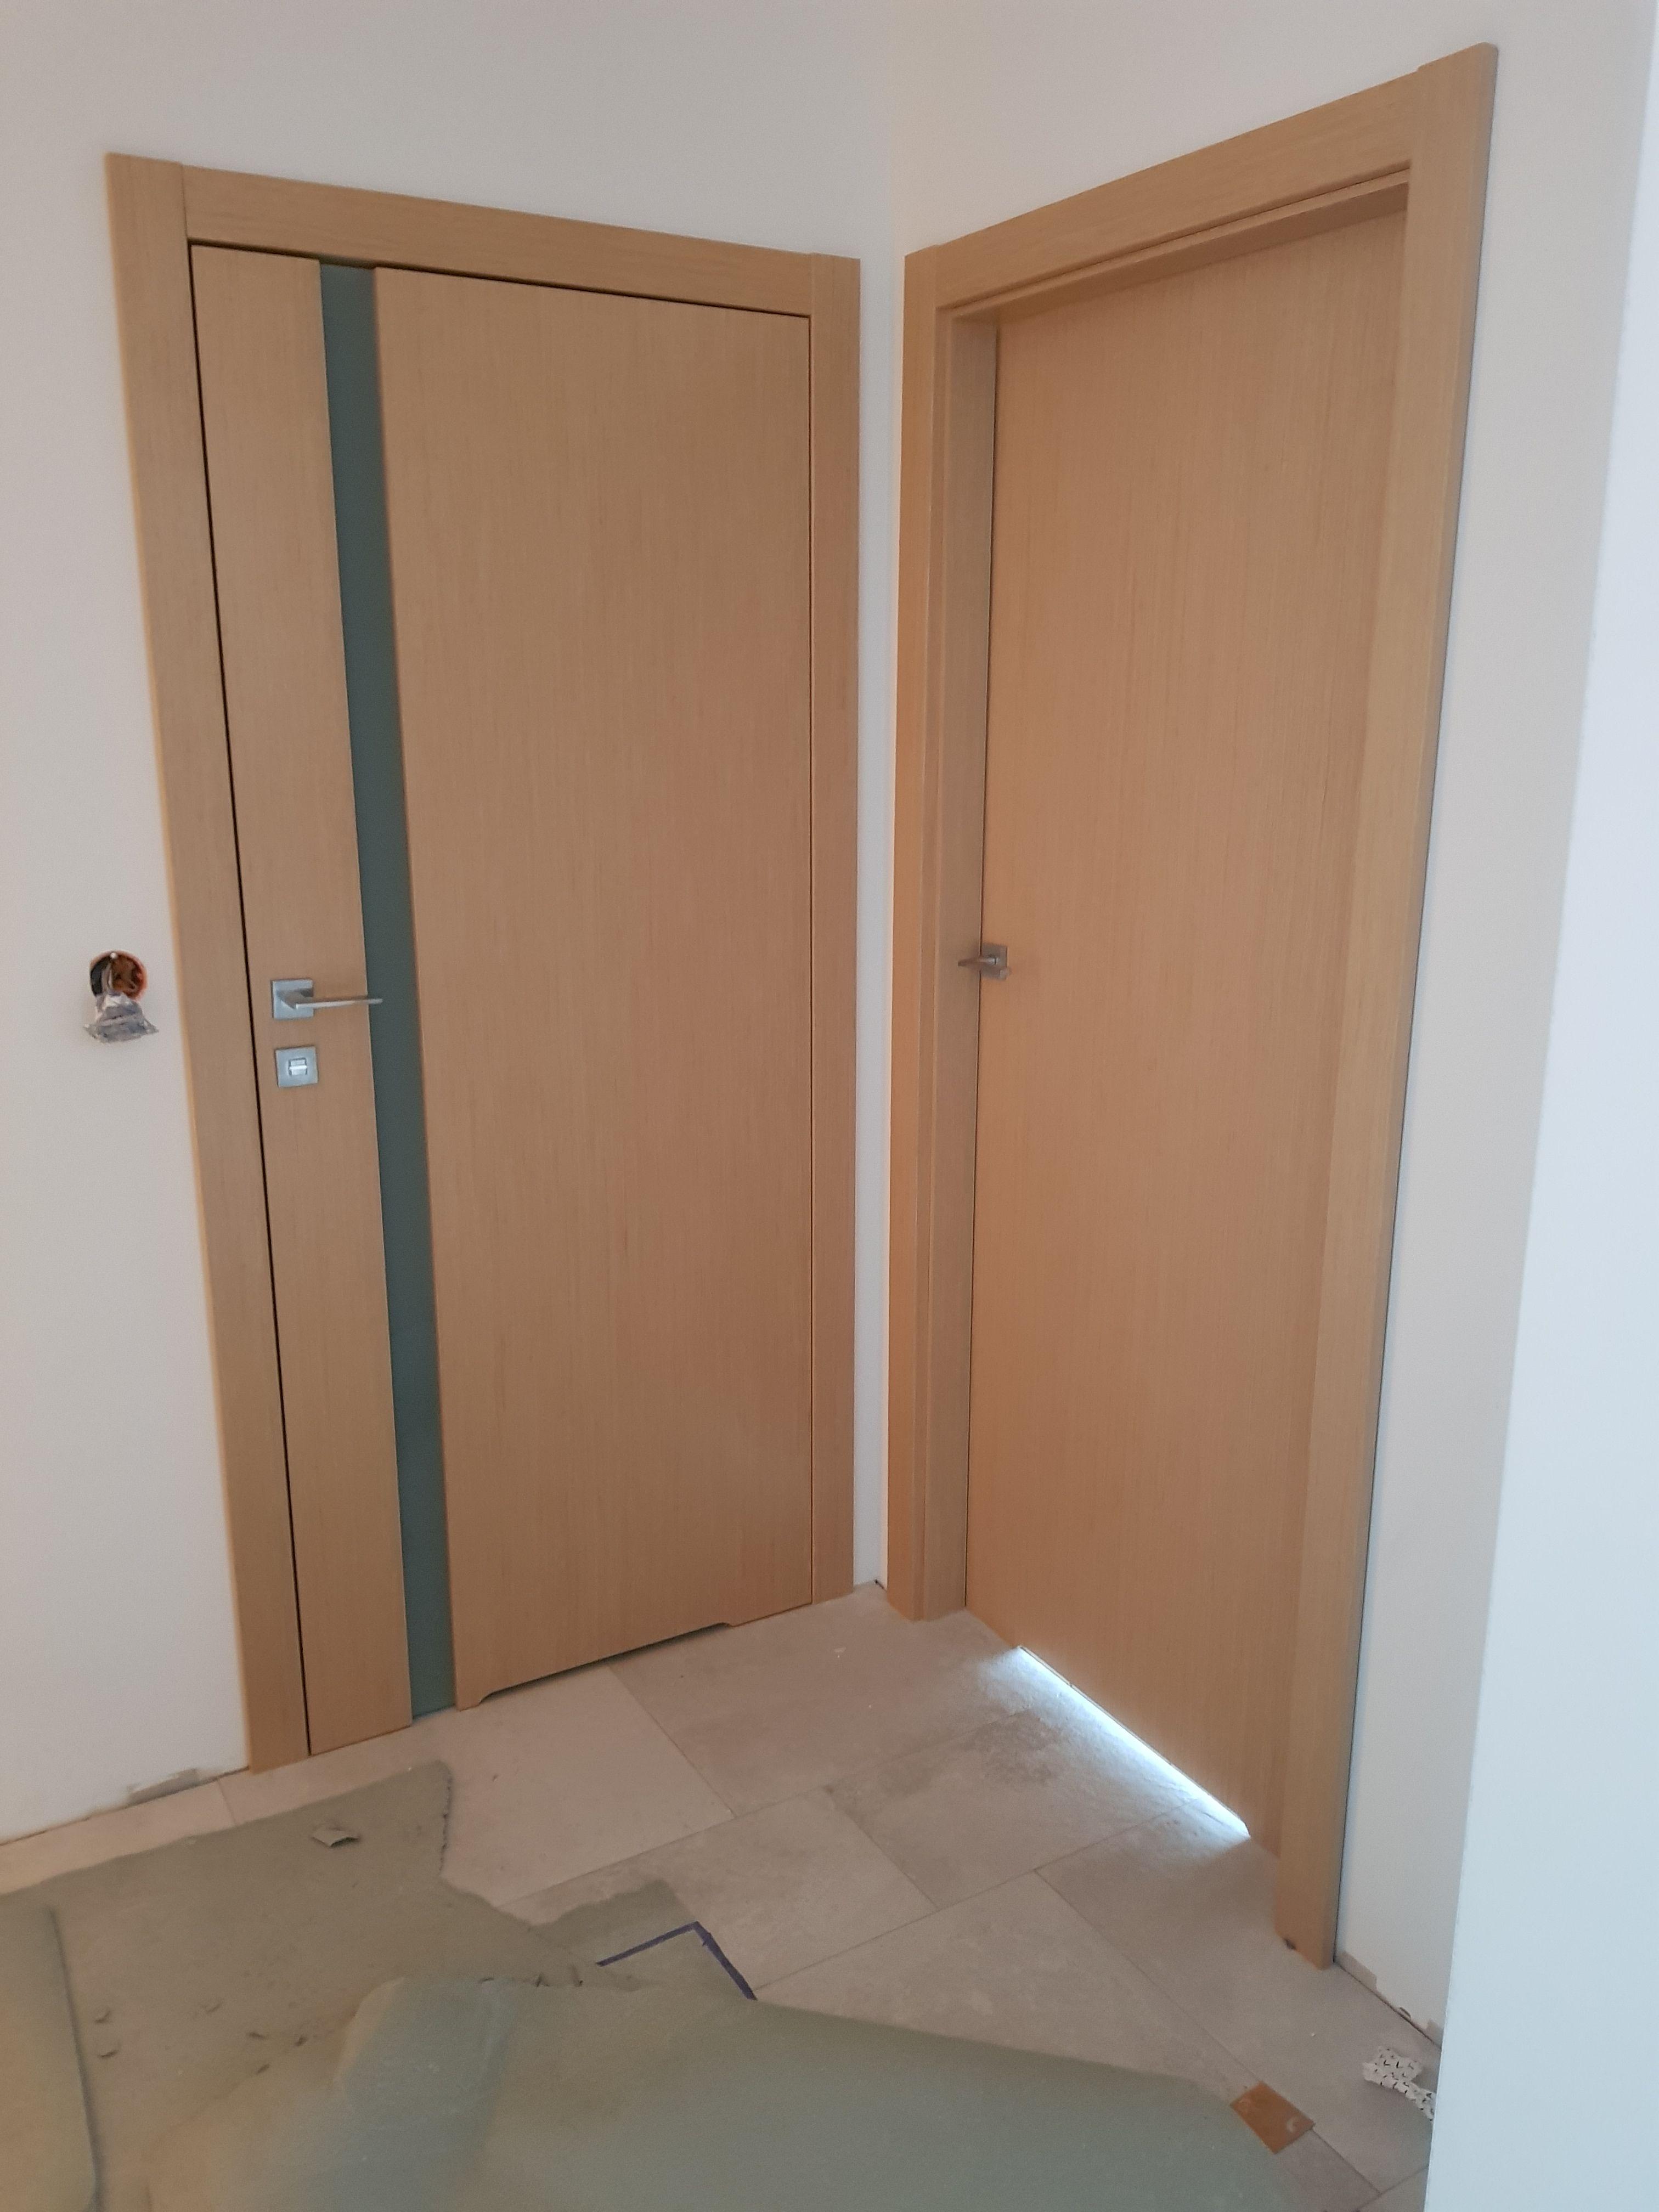 Bezprzylgowe Drzwi Asilo Room Divider Home Decor Home